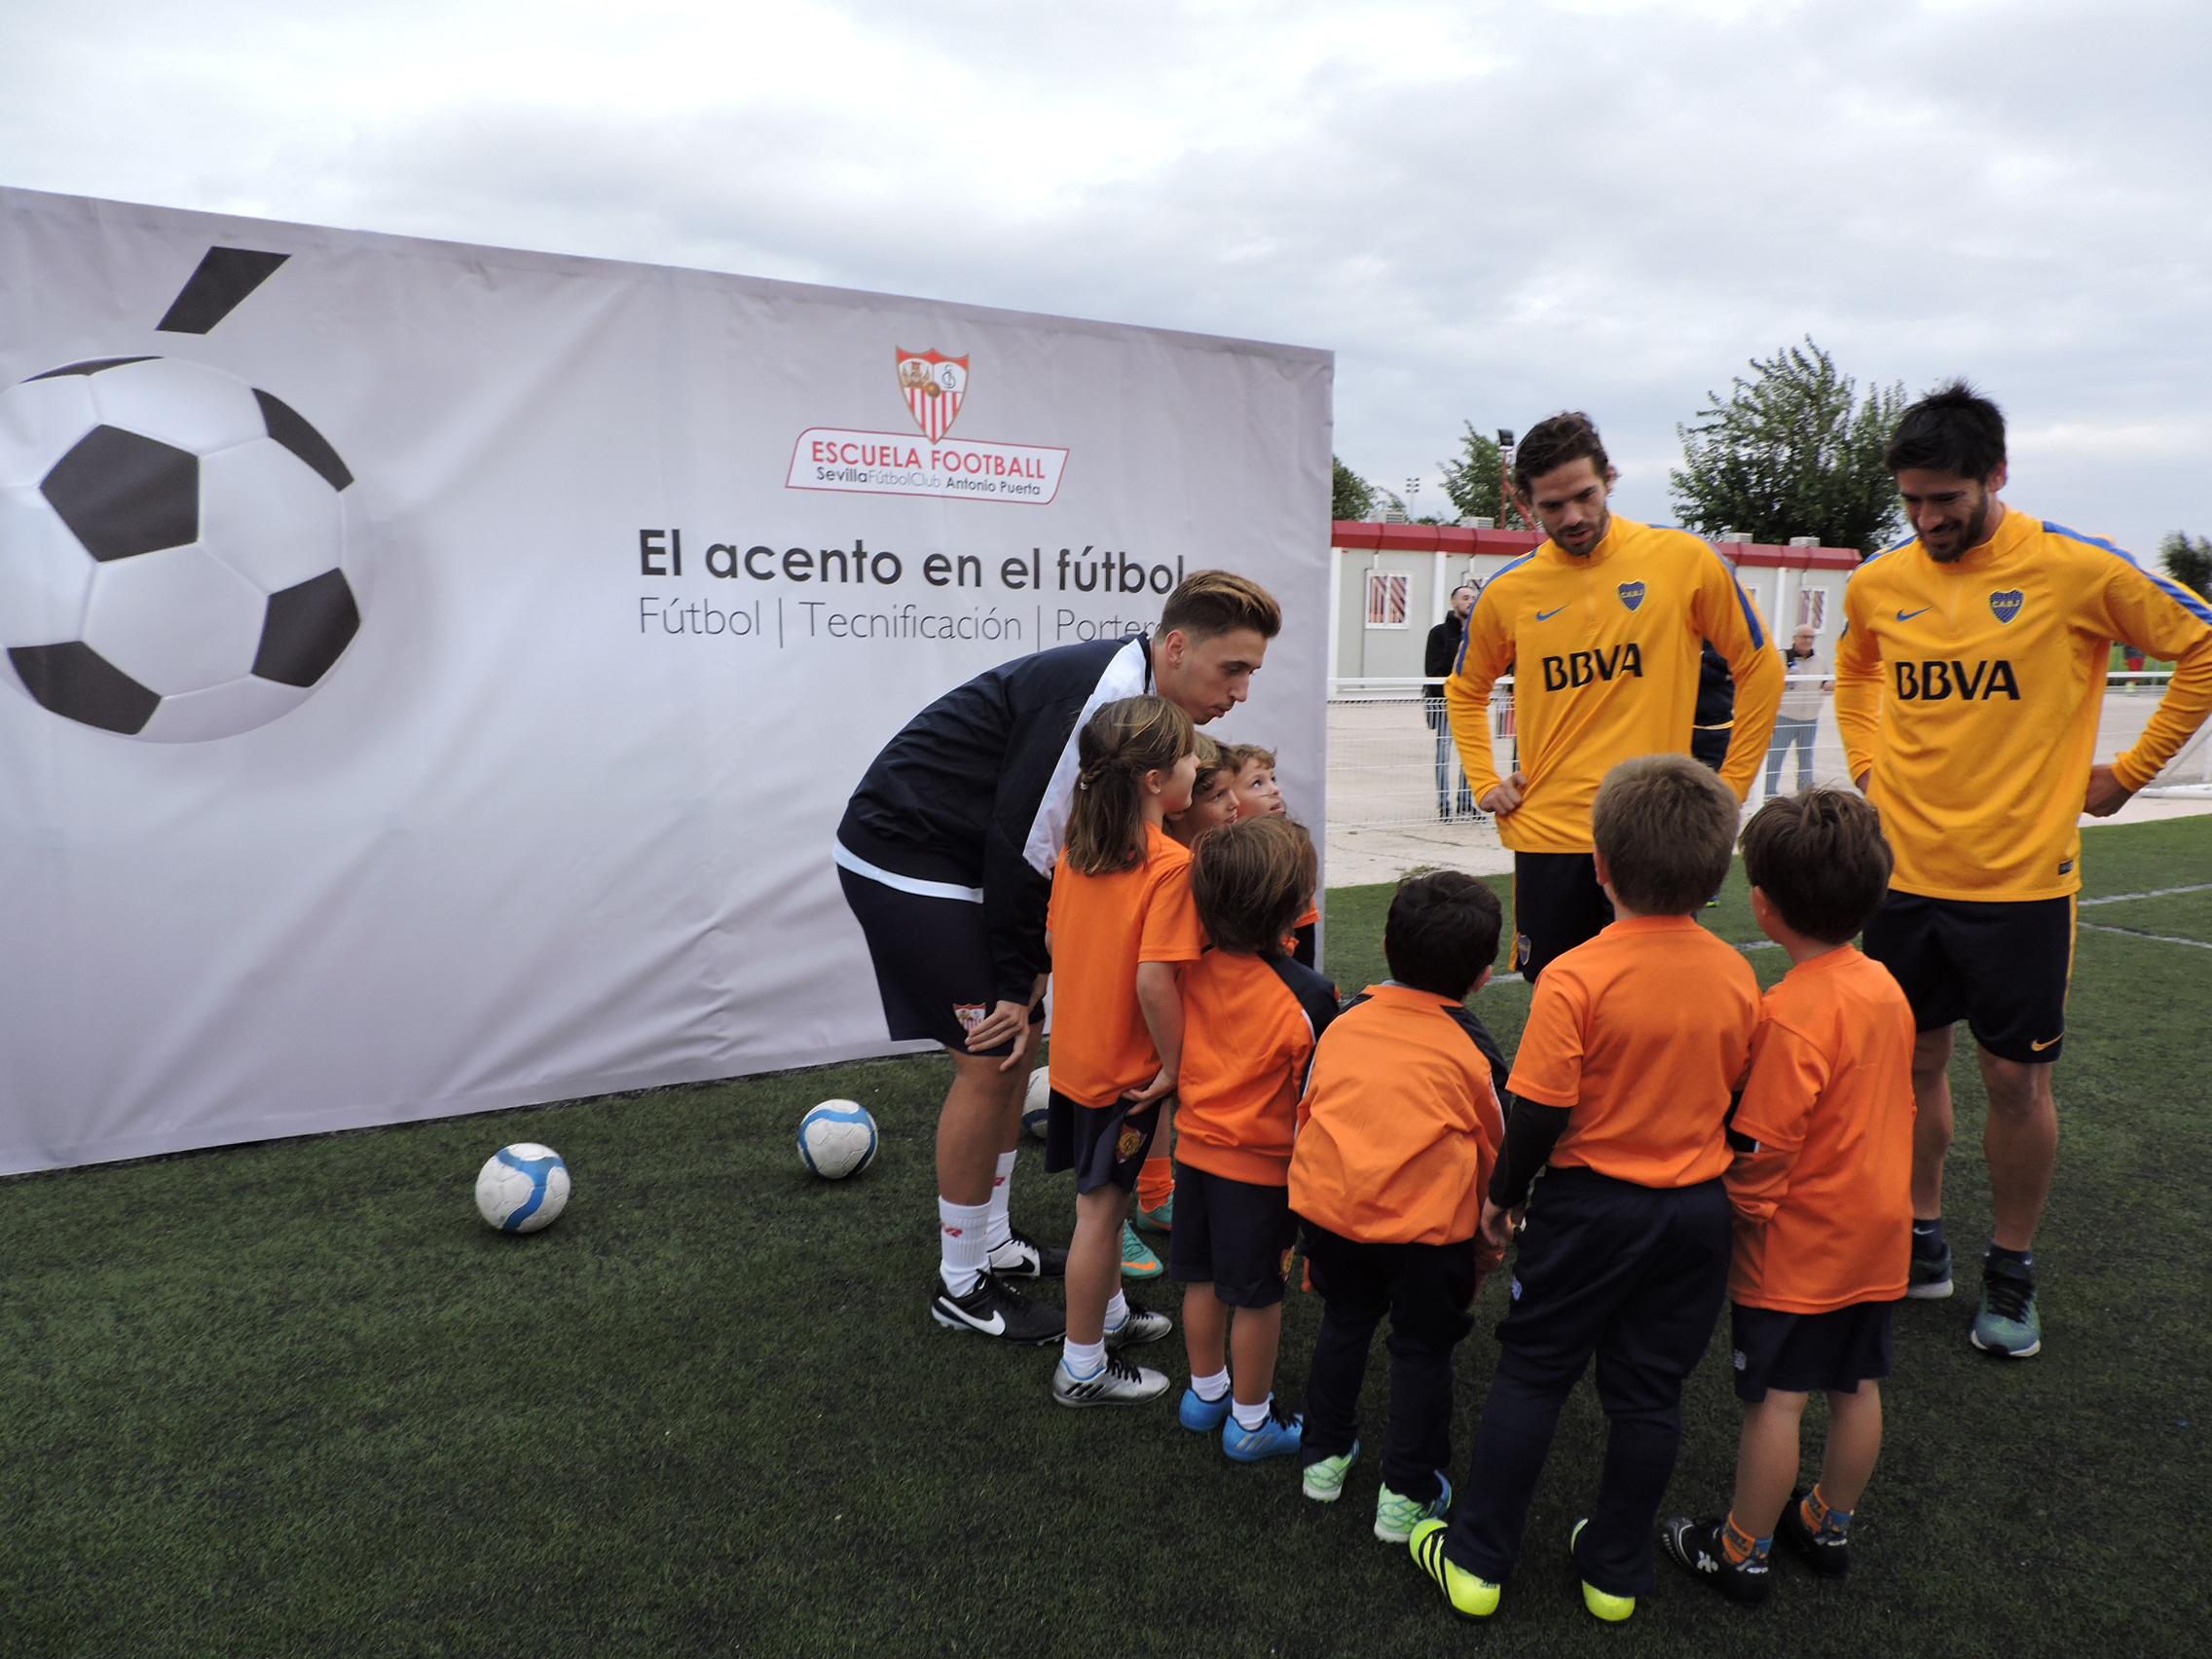 Visita del Boca Juniors a la Escuela de Football Antonio Puerta